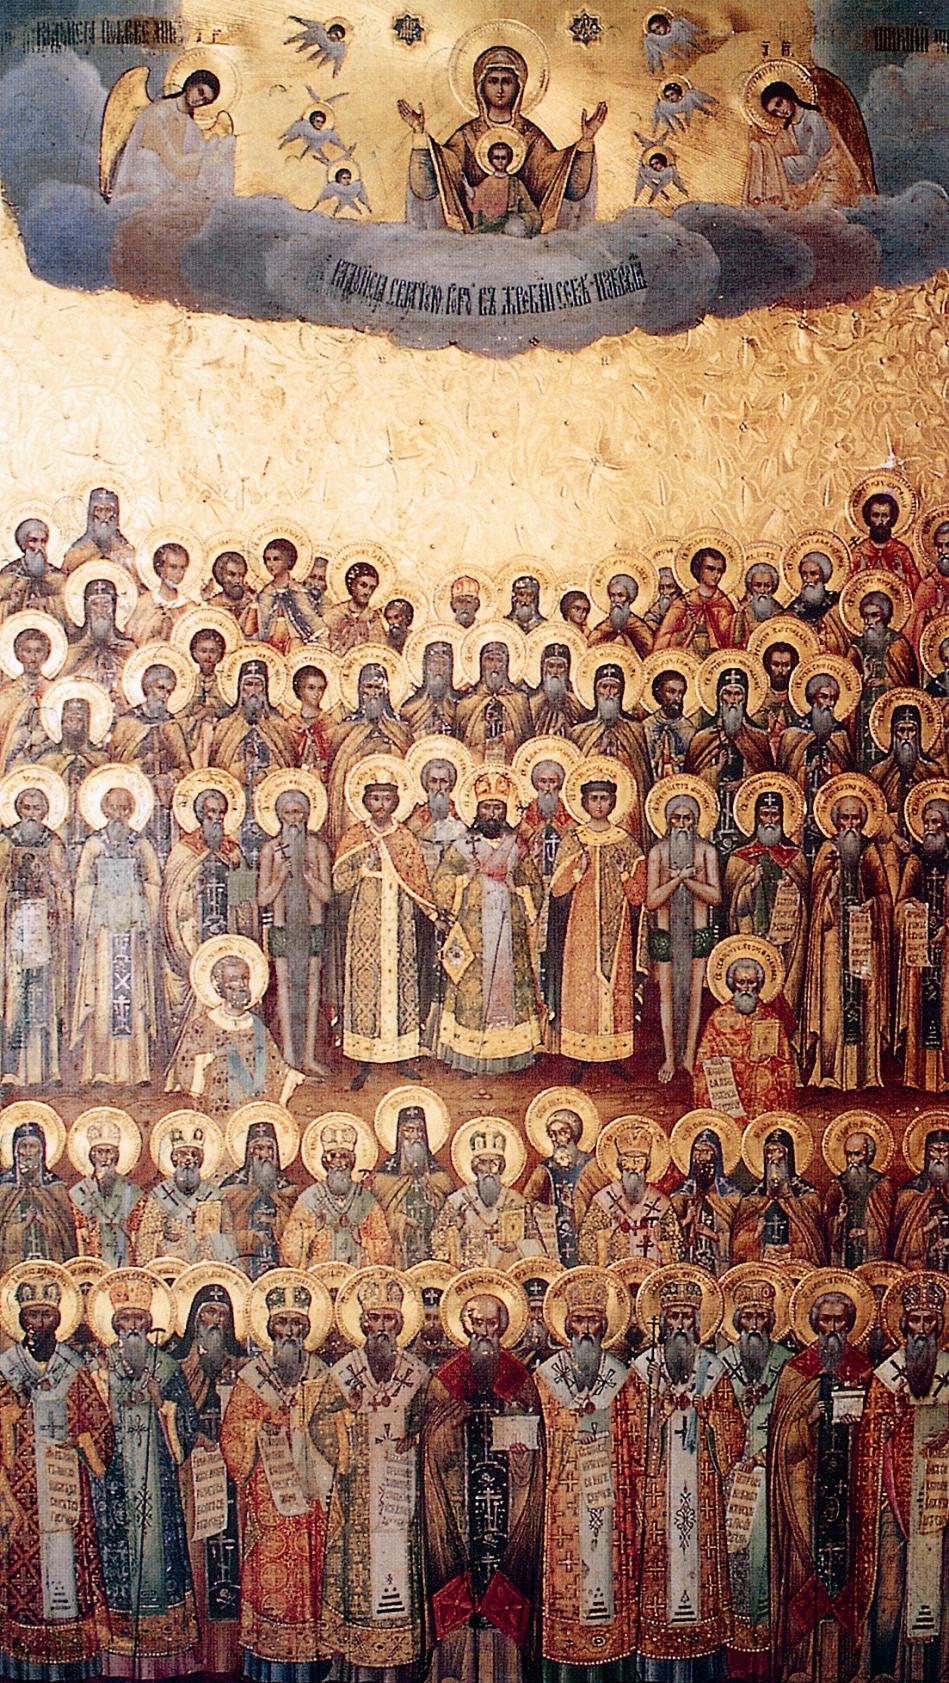 Ο Γέροντας Δανιήλ άσκησε την τέχνη της αγιογραφίας και την παρέδωσε στην αδελφότητα, η οποία την ασκεί μέχρι σήμερα. Εικόνα των οσίων και αγιορειτών Πατέρων (έργο Ρωσικής τέχνης και προέλευσης, 18ος αί.) στην μνήμη των οποίων εορτάζει το καθολικό του Ησυχαστηρίου των Δανιηλαίων.